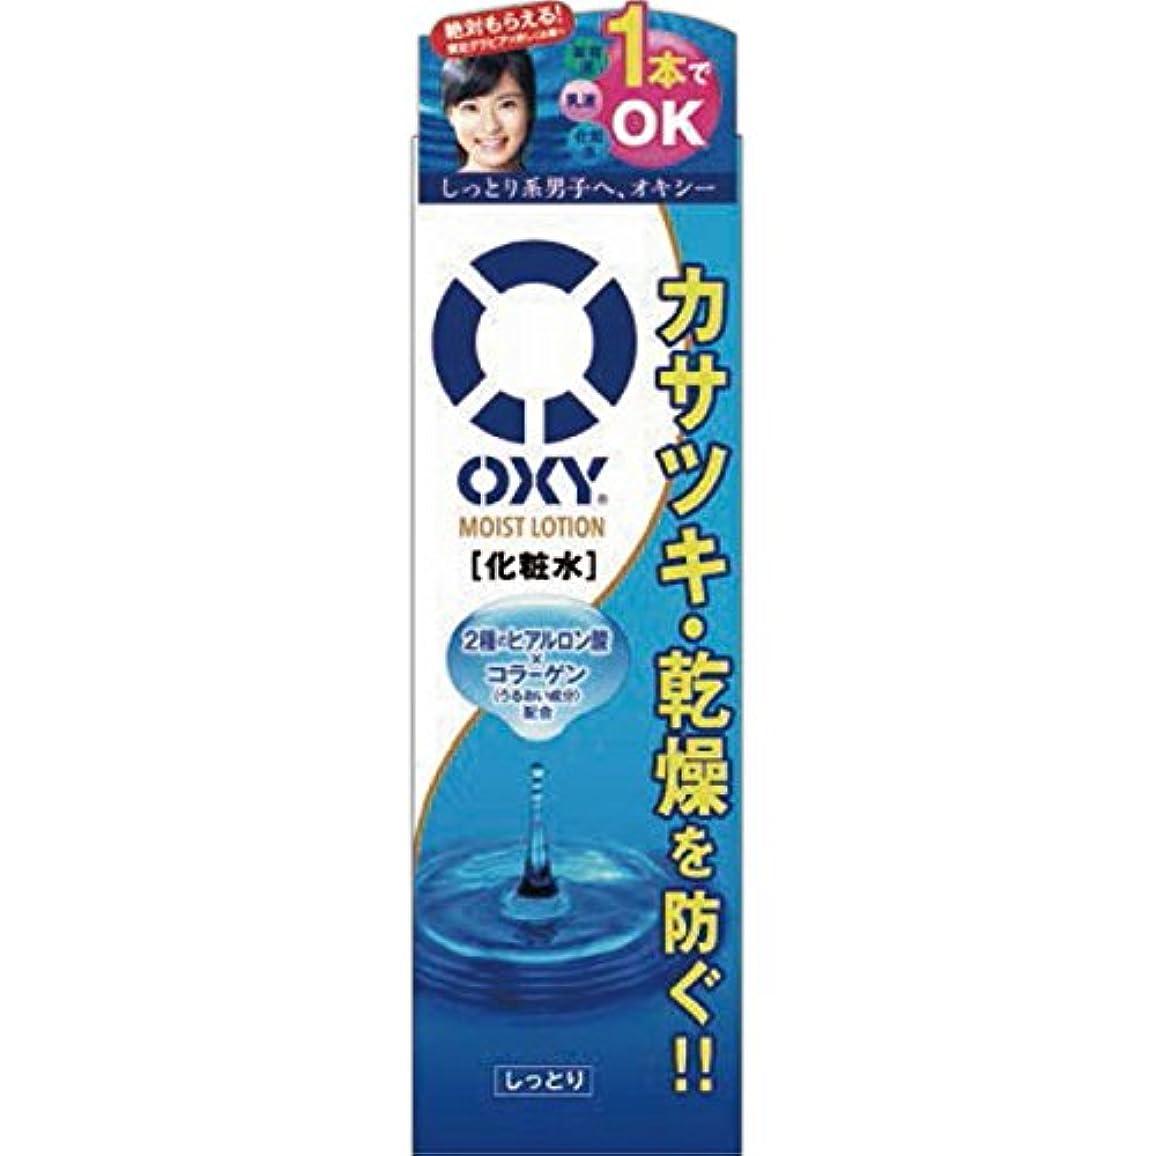 ユニークな首謀者ハントオキシー (Oxy) モイストローション オールインワン化粧水 2種のヒアルロン酸×コラーゲン配合 ゼラニウムの香 170mL